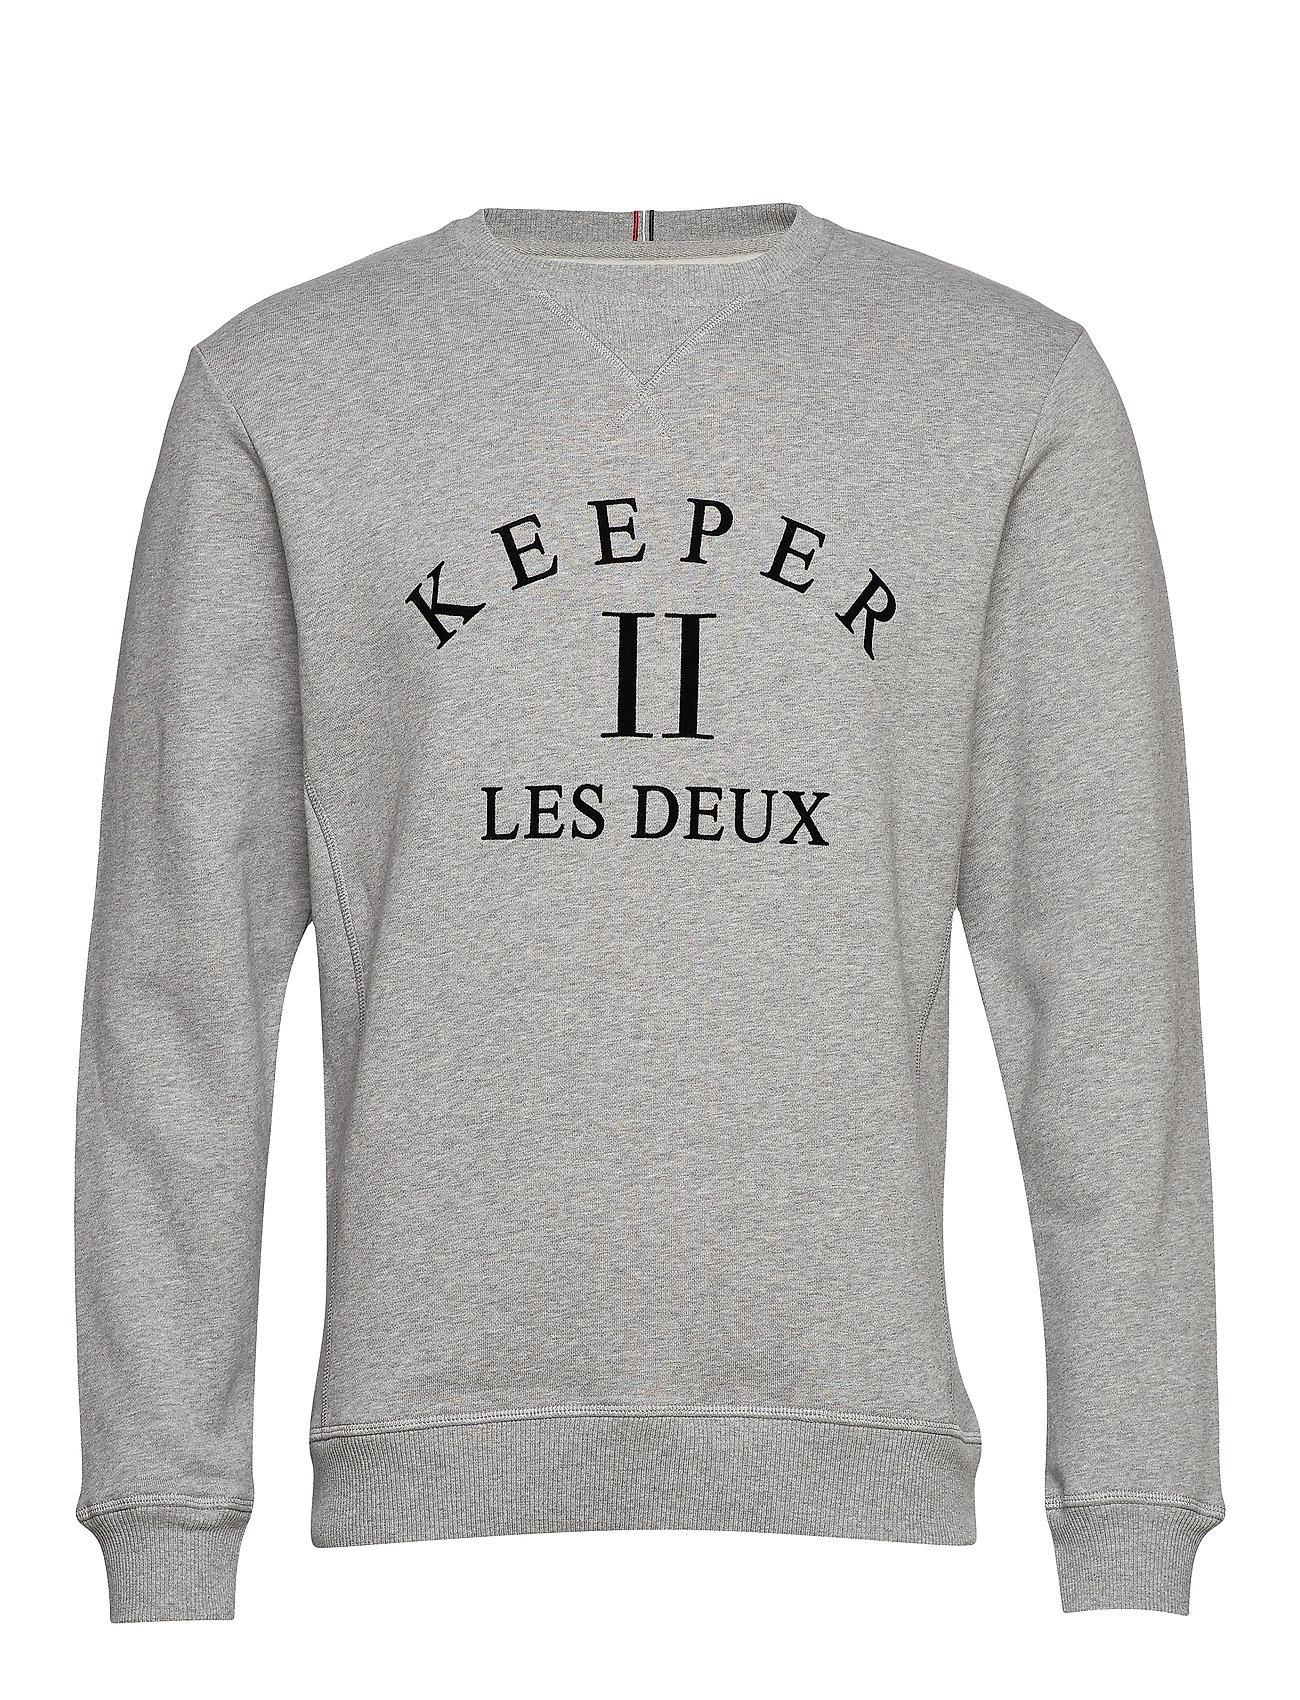 Les Deux Keeper Sweatshirt - 320320-GREY MELANGE